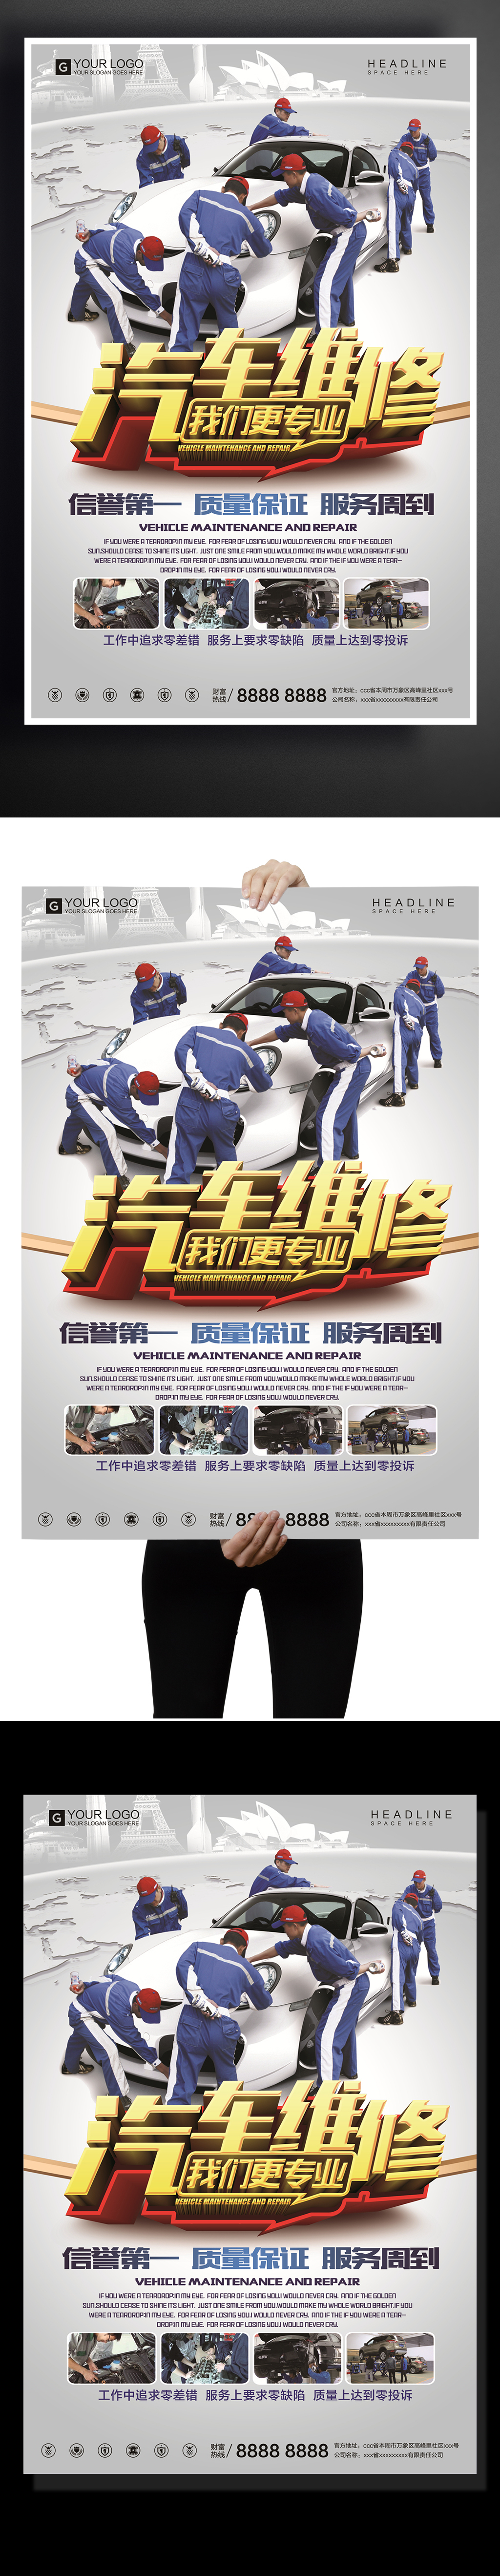 创意设计汽车维修宣传促销海报